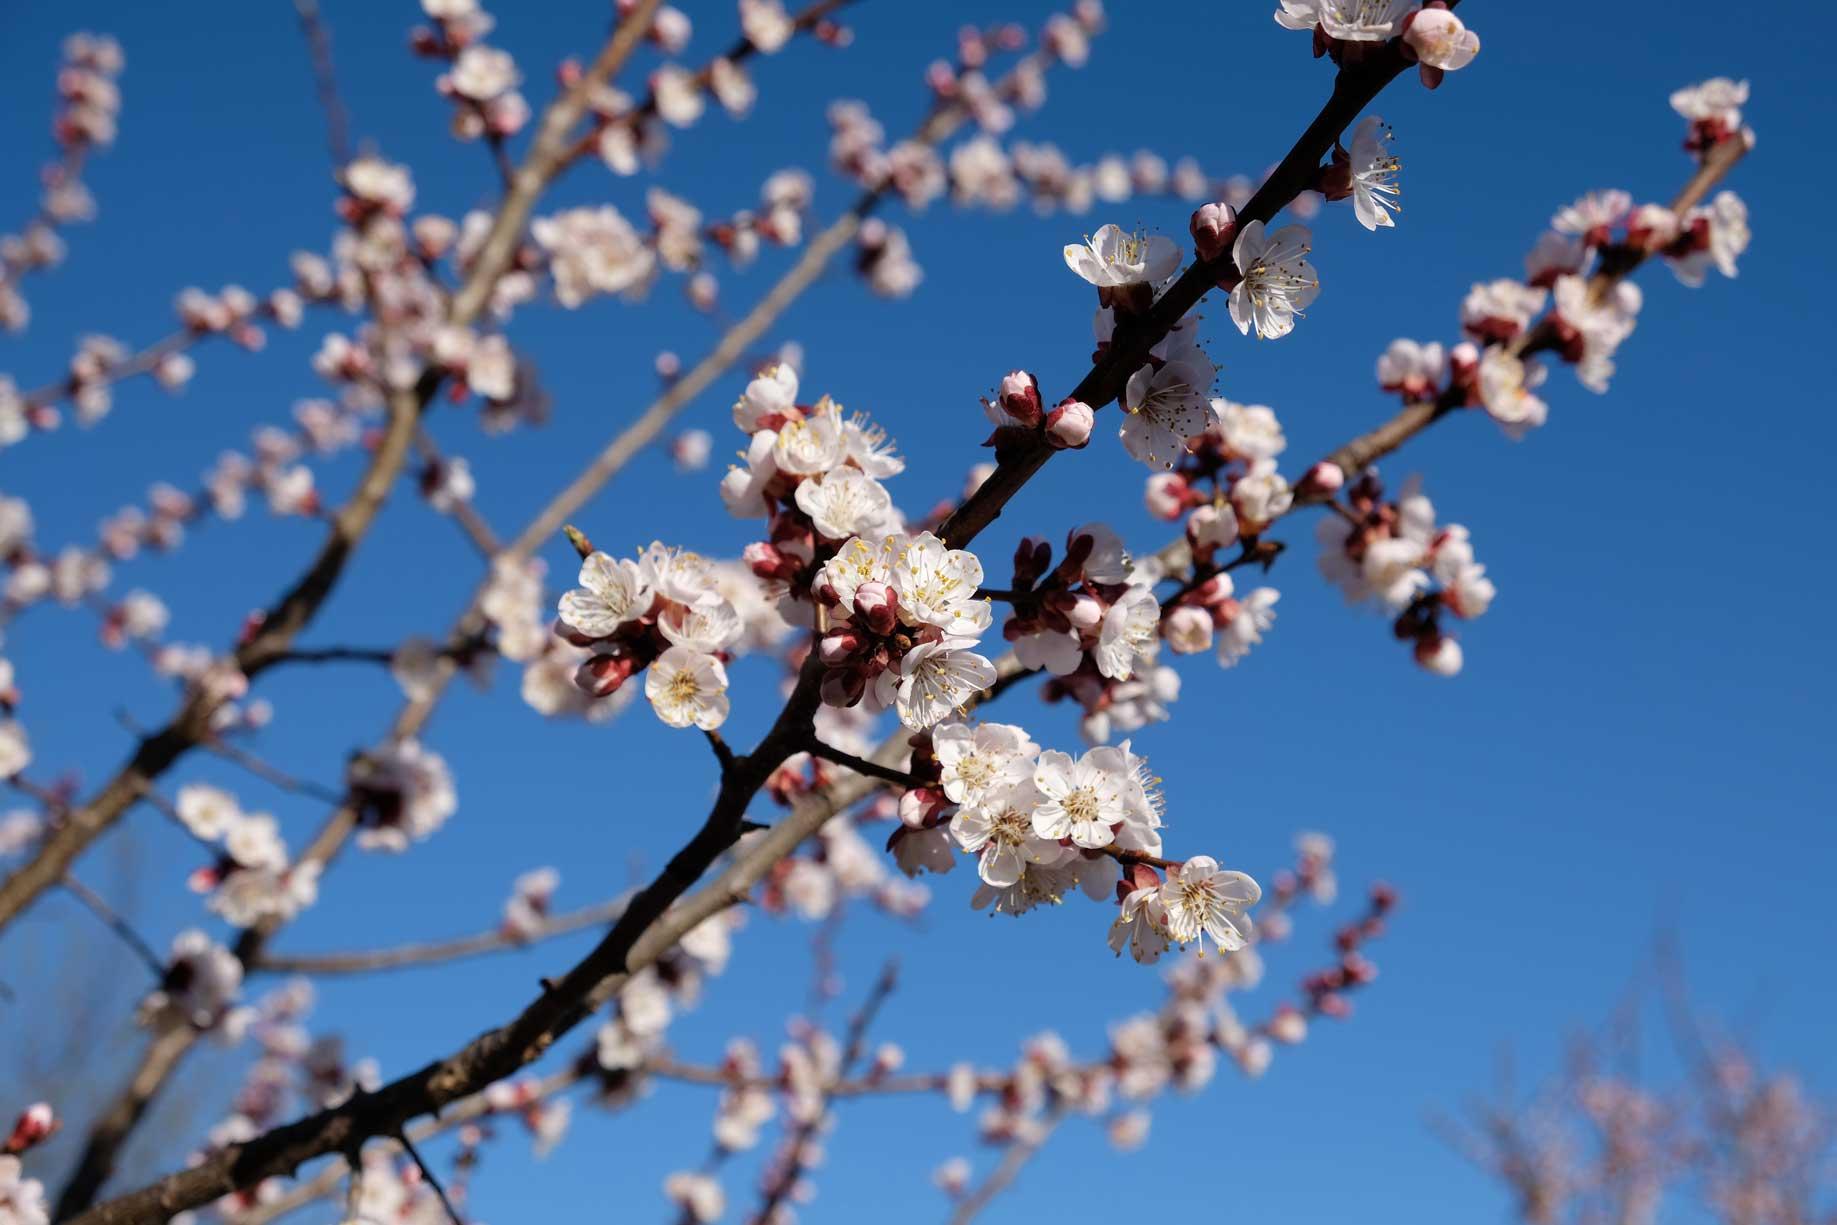 Zweige mit weißen Blüten